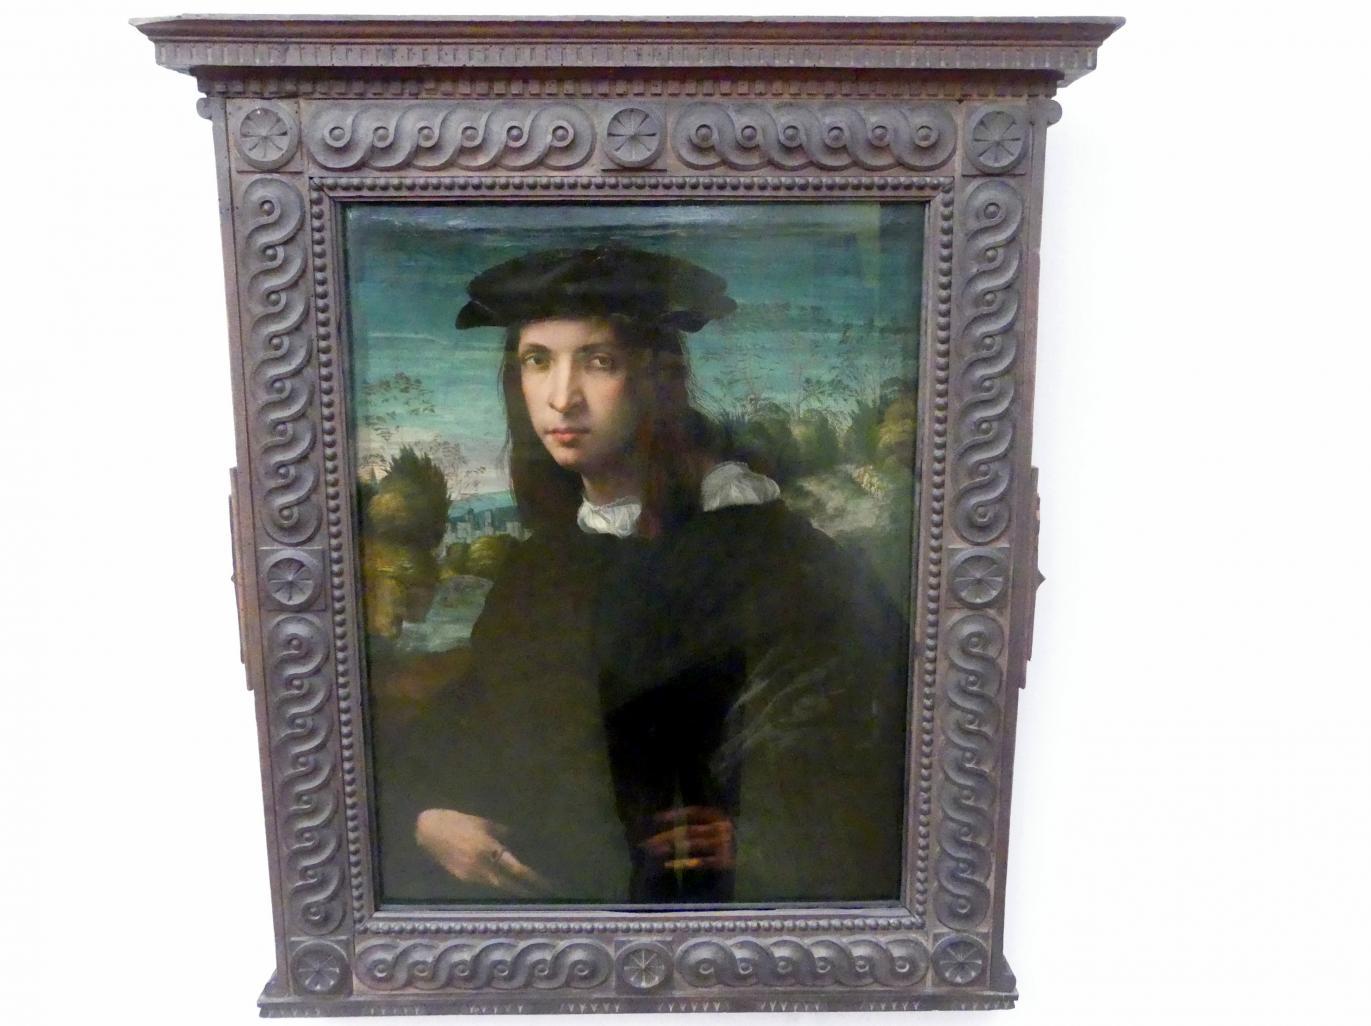 Giovan Battista di Jacopo (Rosso Fiorentino): Bildnis eines jungen Mannes, Um 1516 - 1518